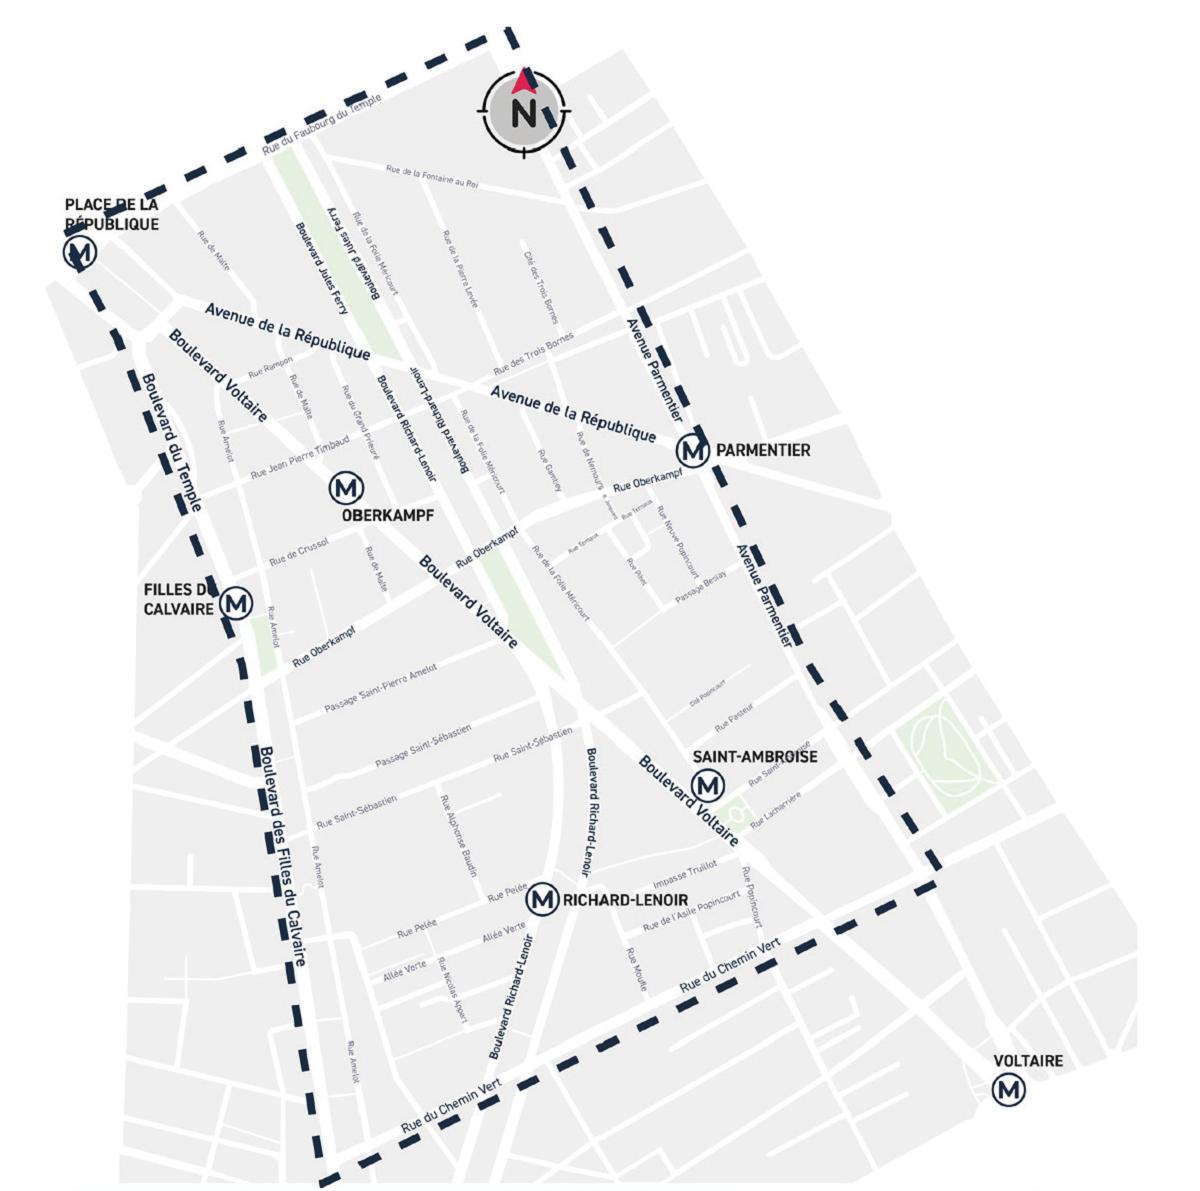 Embellir votre quartier : plan du quartier République Saint-Ambroise